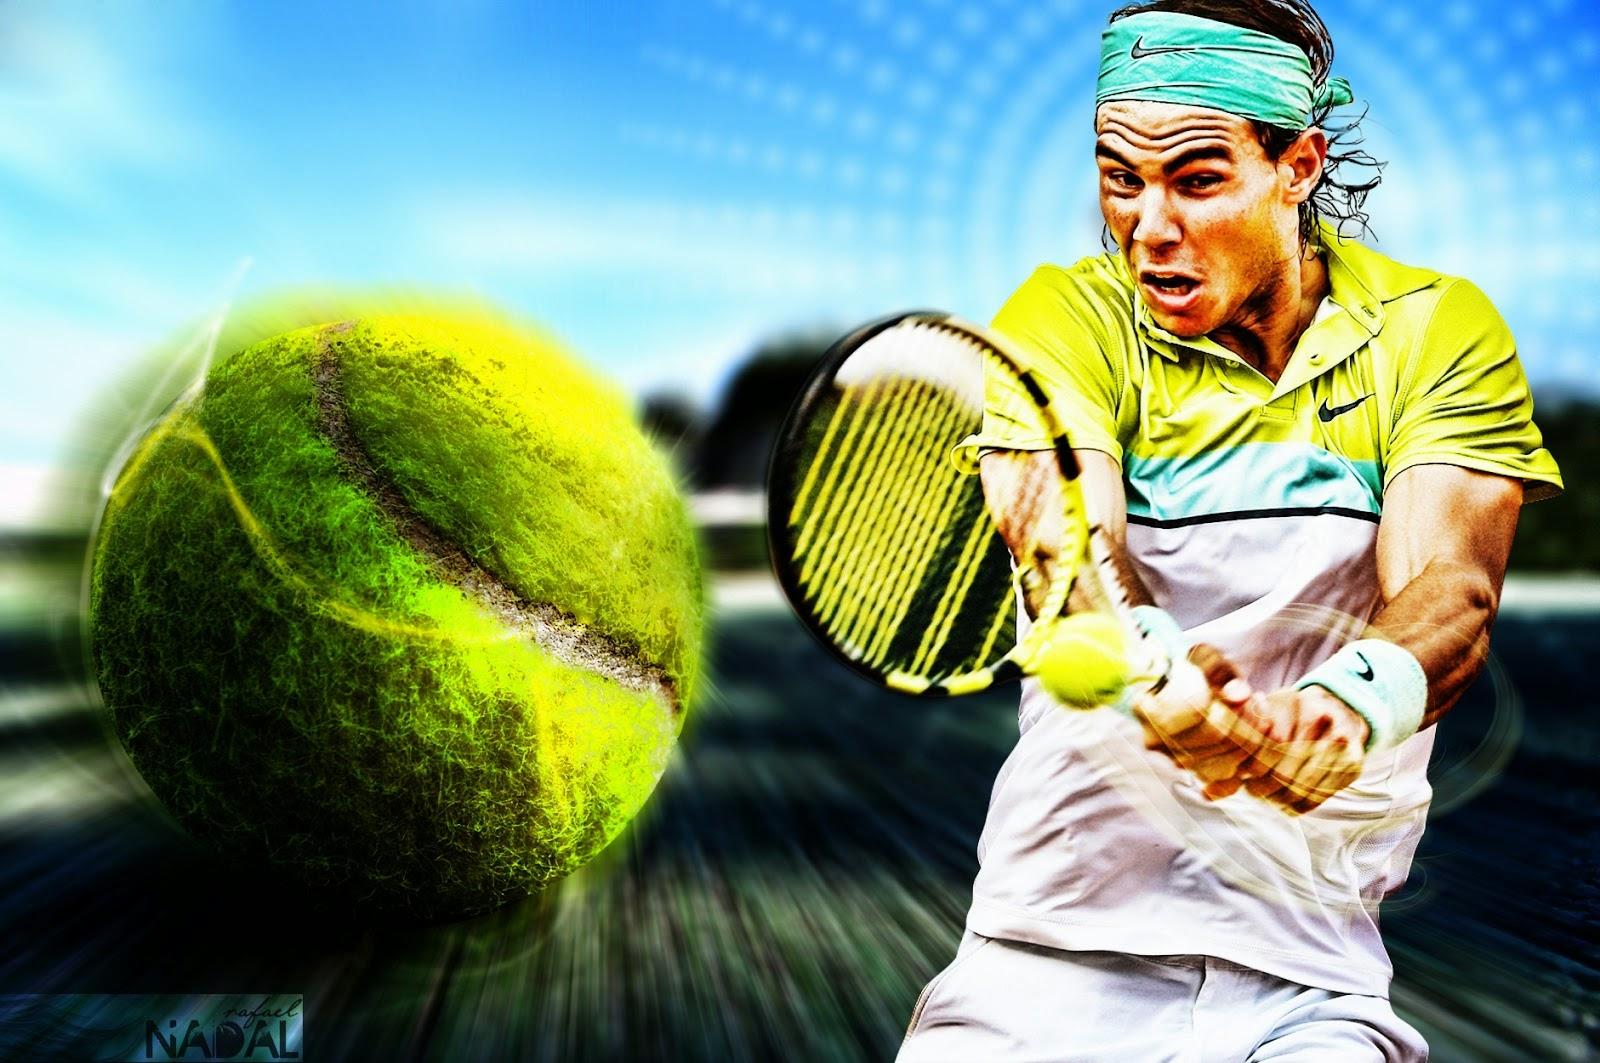 Nadal Hd: Rafael Nadal New HD Wallpaper 2014